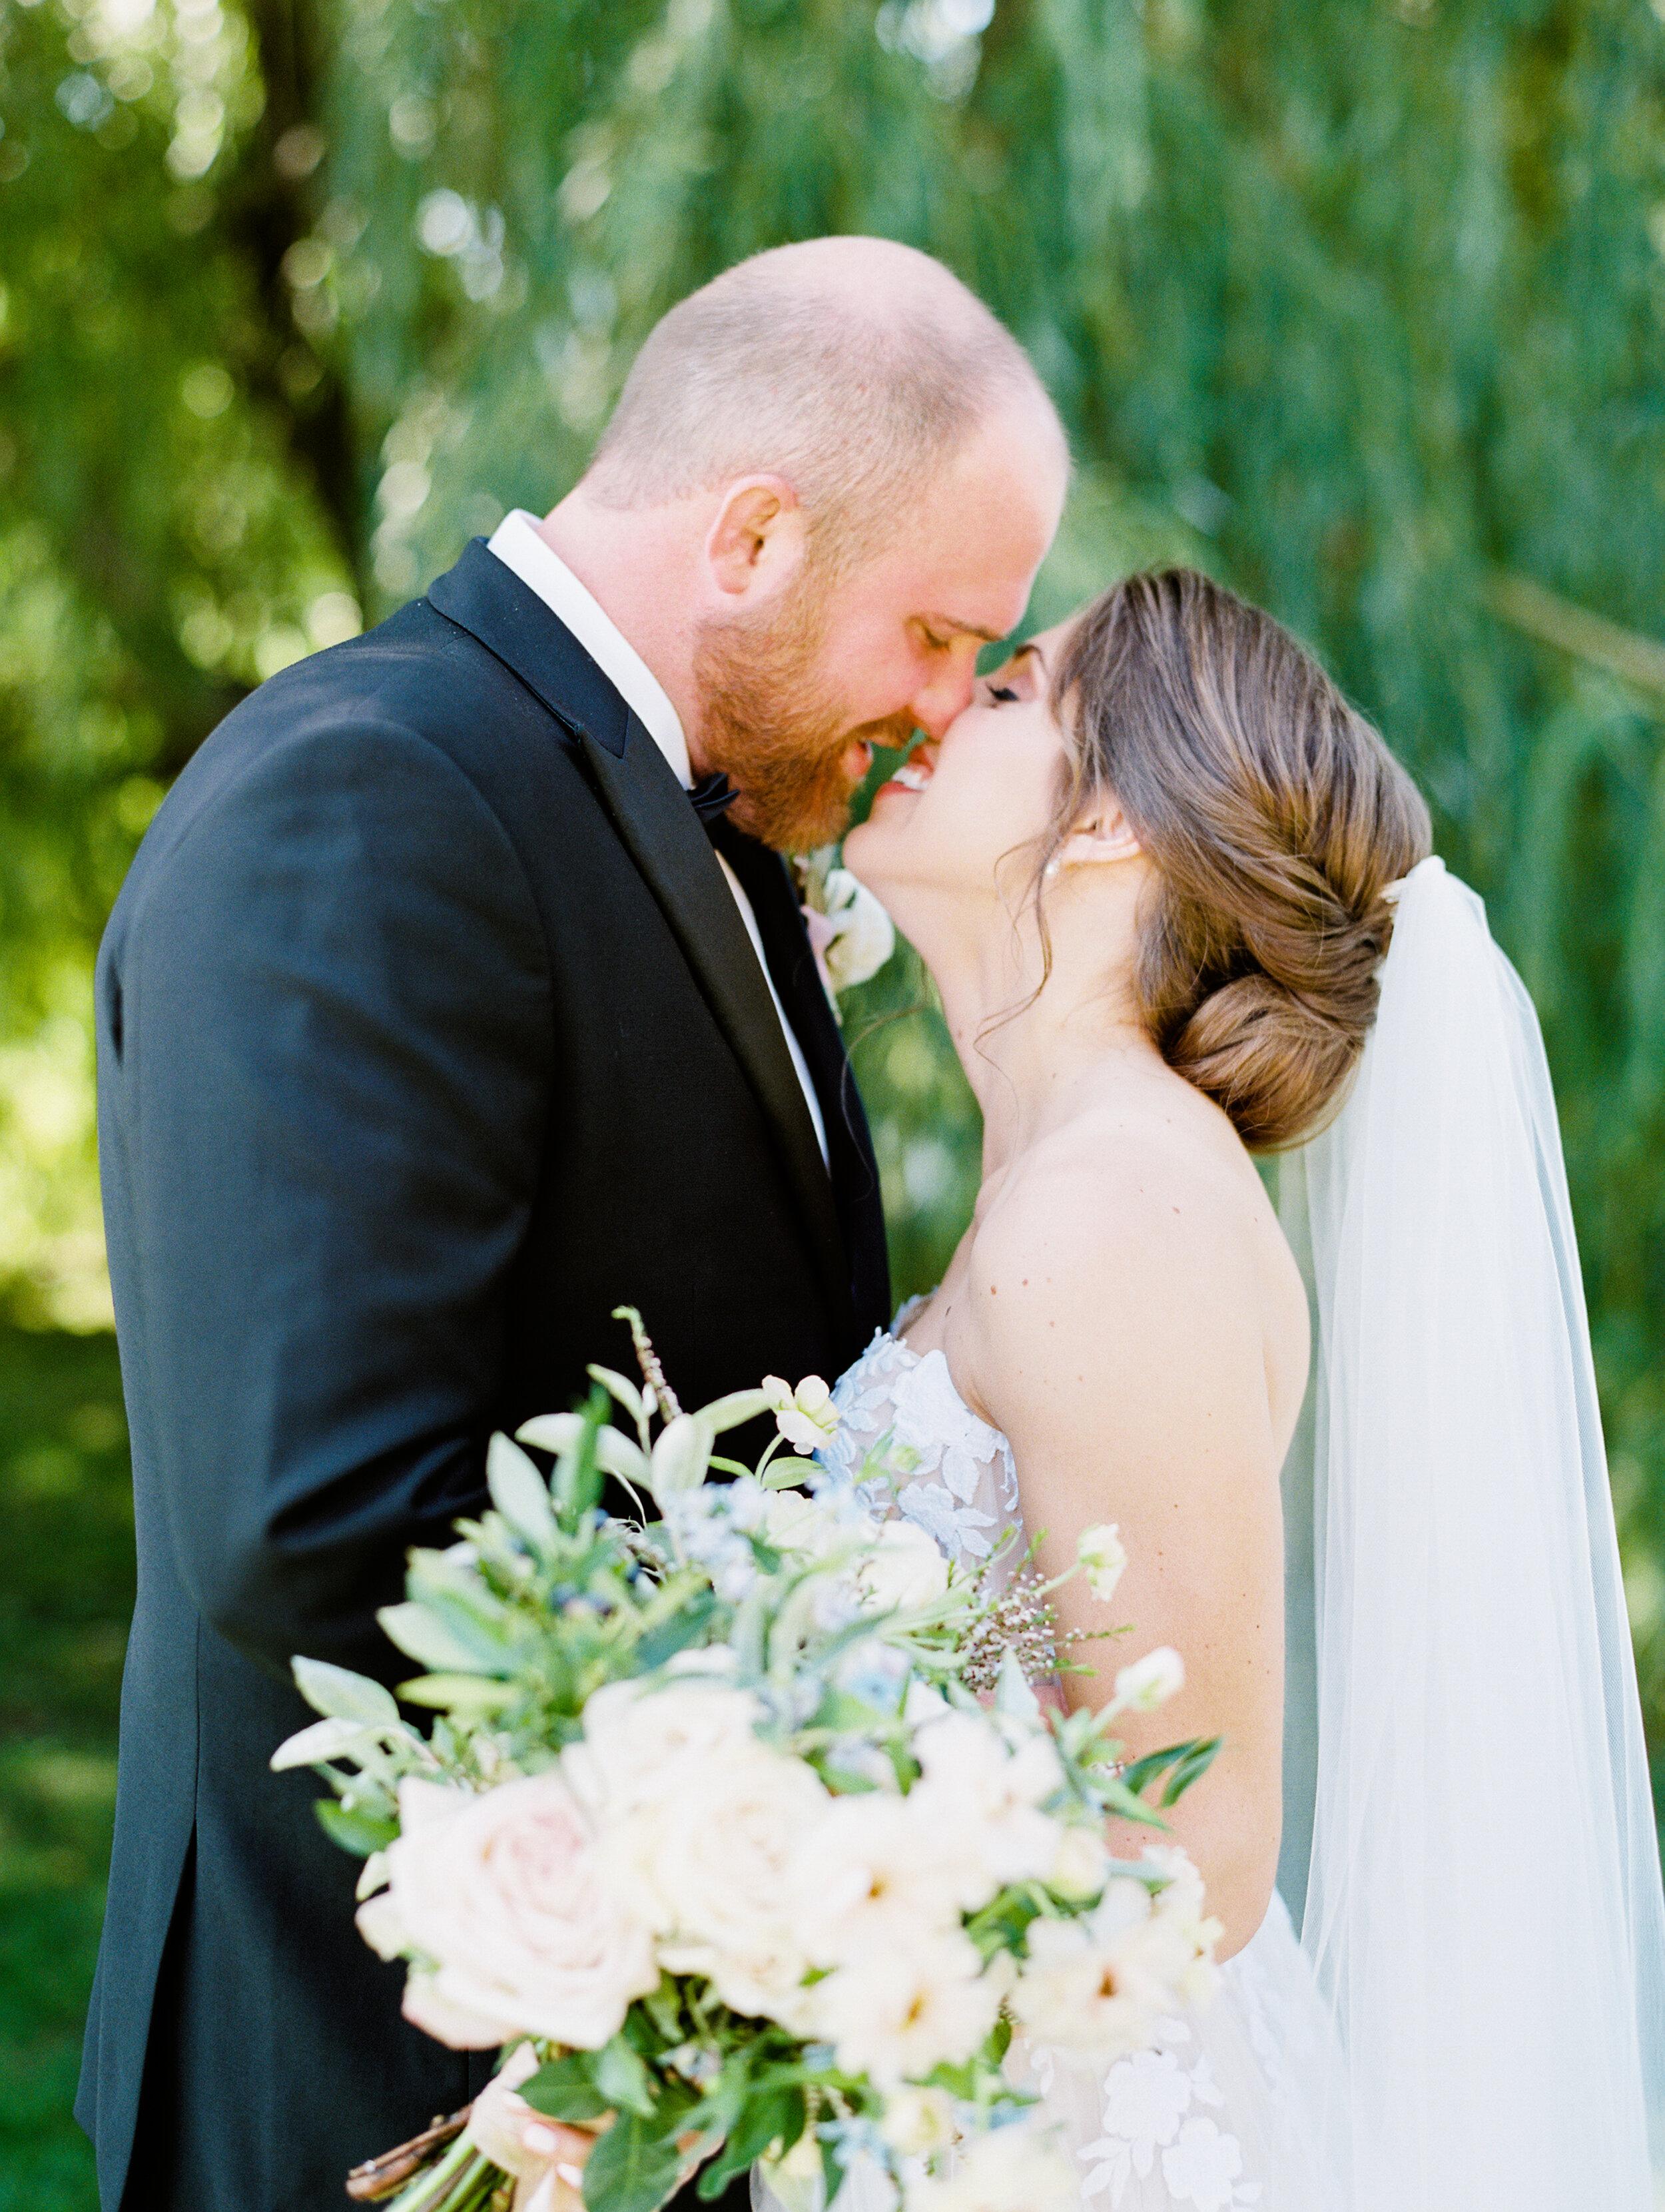 Steinlage+Wedding+First+Look-24.jpg